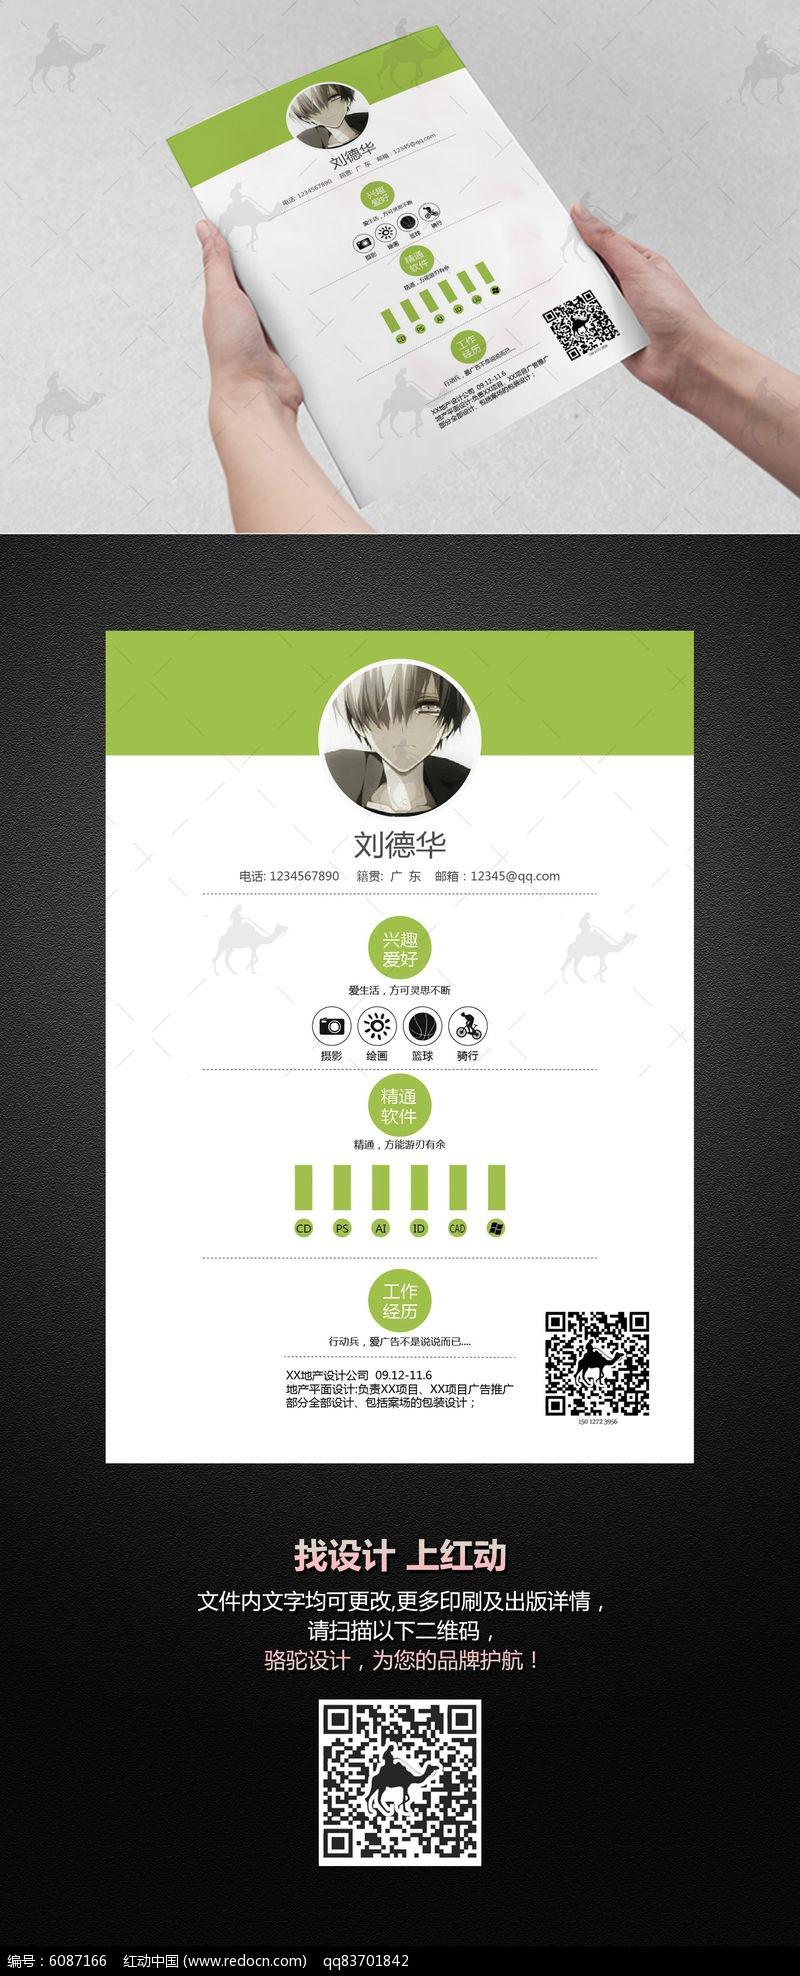 扁平化绿色创意时尚个人简历ai模版素材下载图片